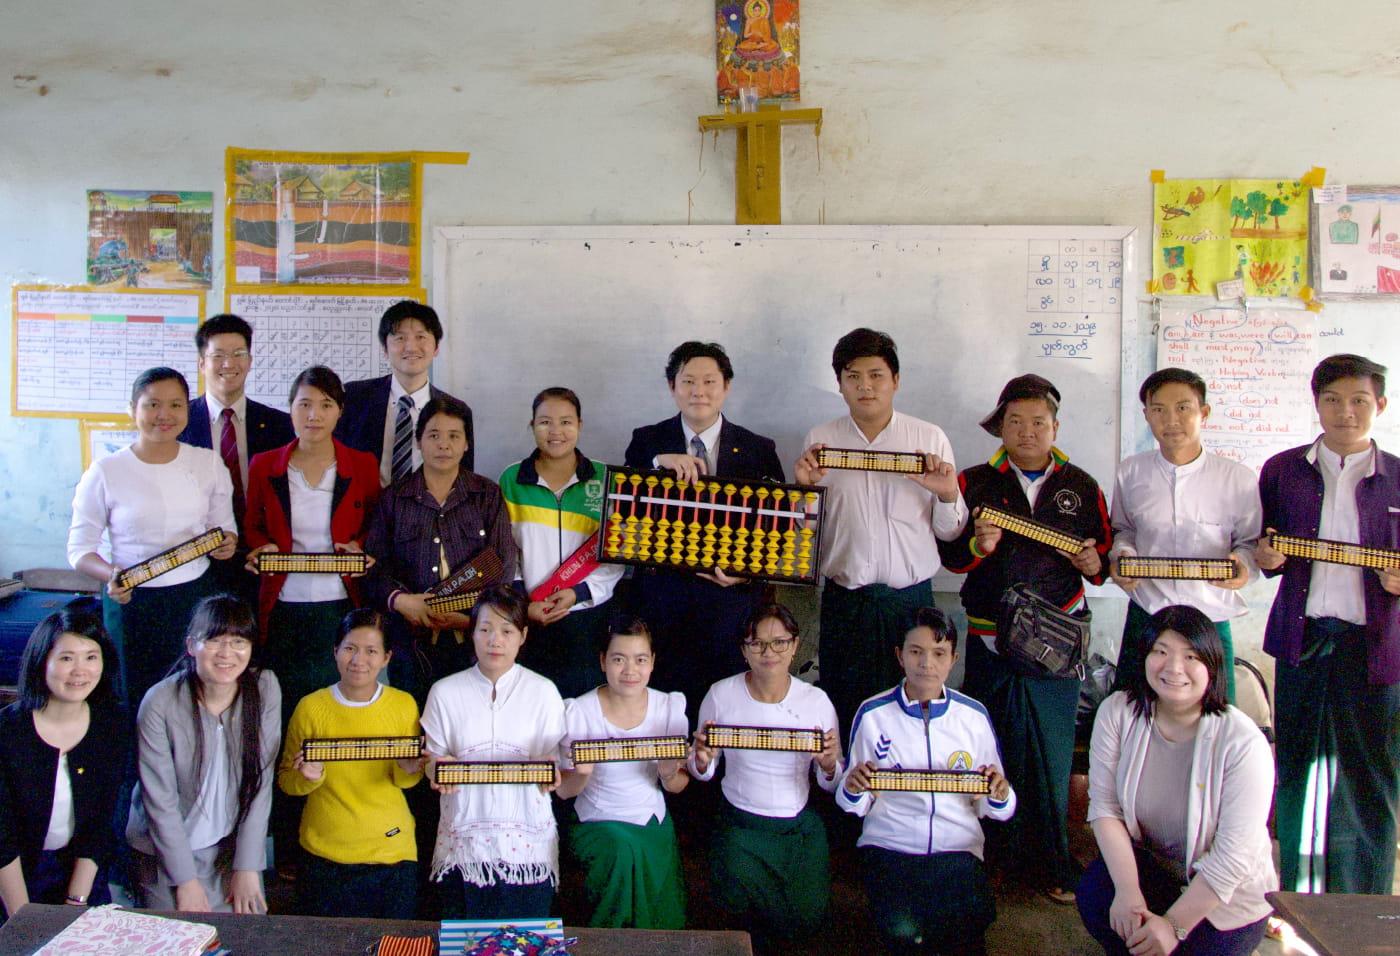 ミャンマーへの教育支援活動